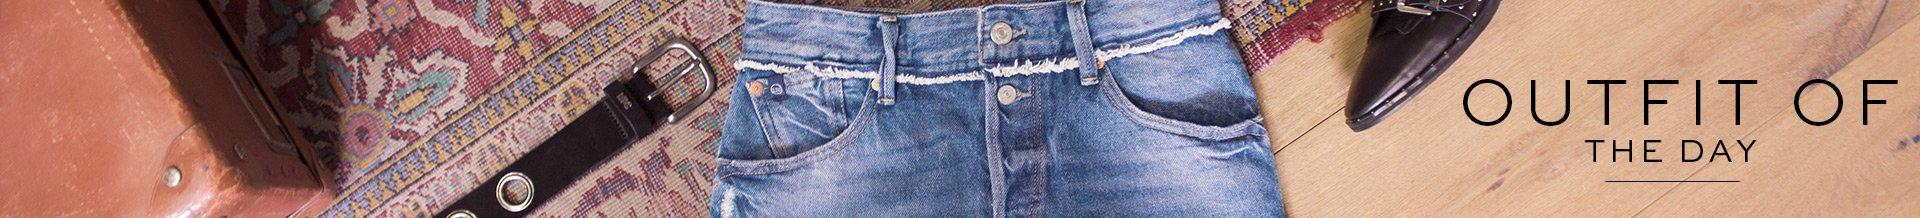 Comment porter la jupe en jeans